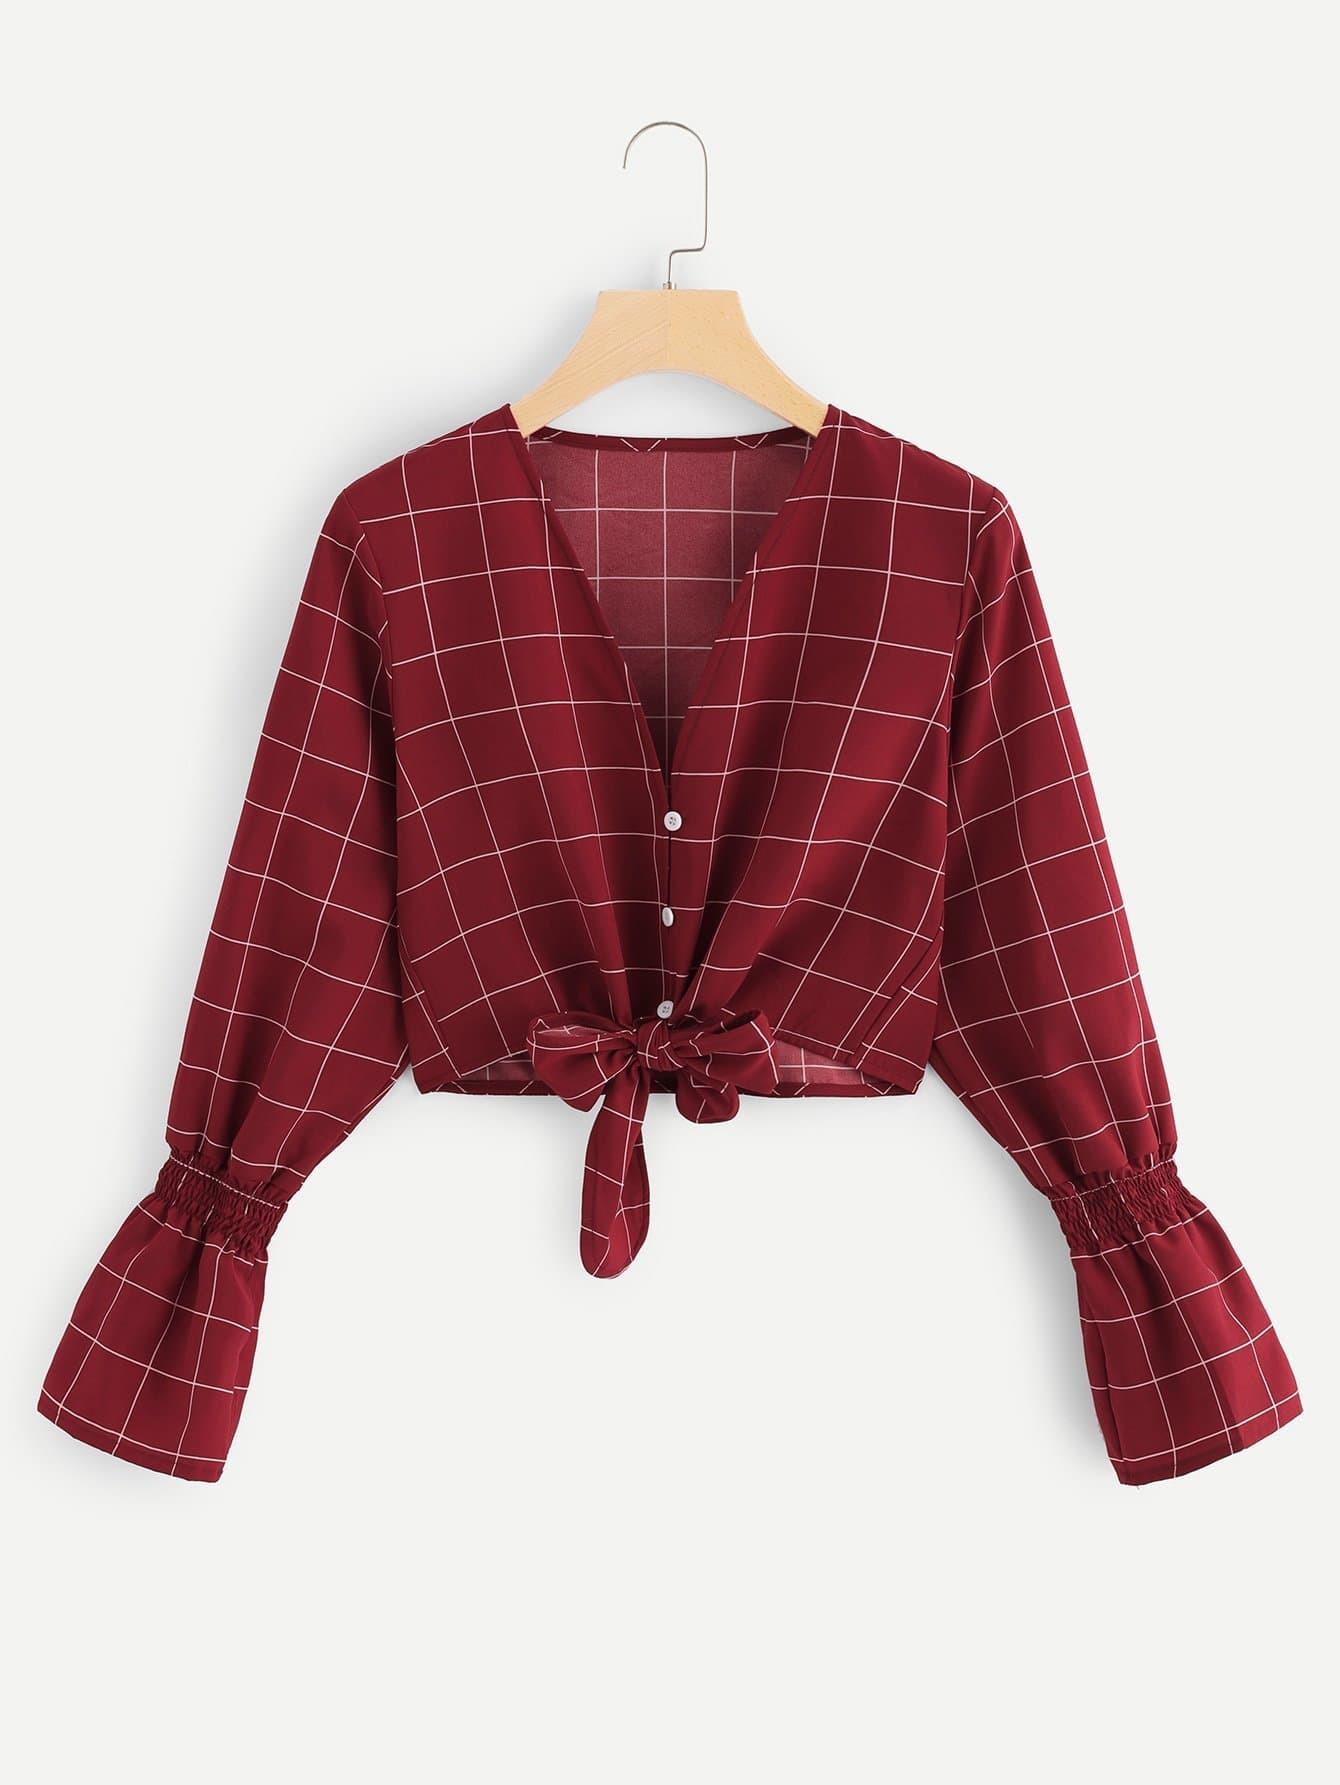 Bluse mit Plaid Muster, Knoten und Saum